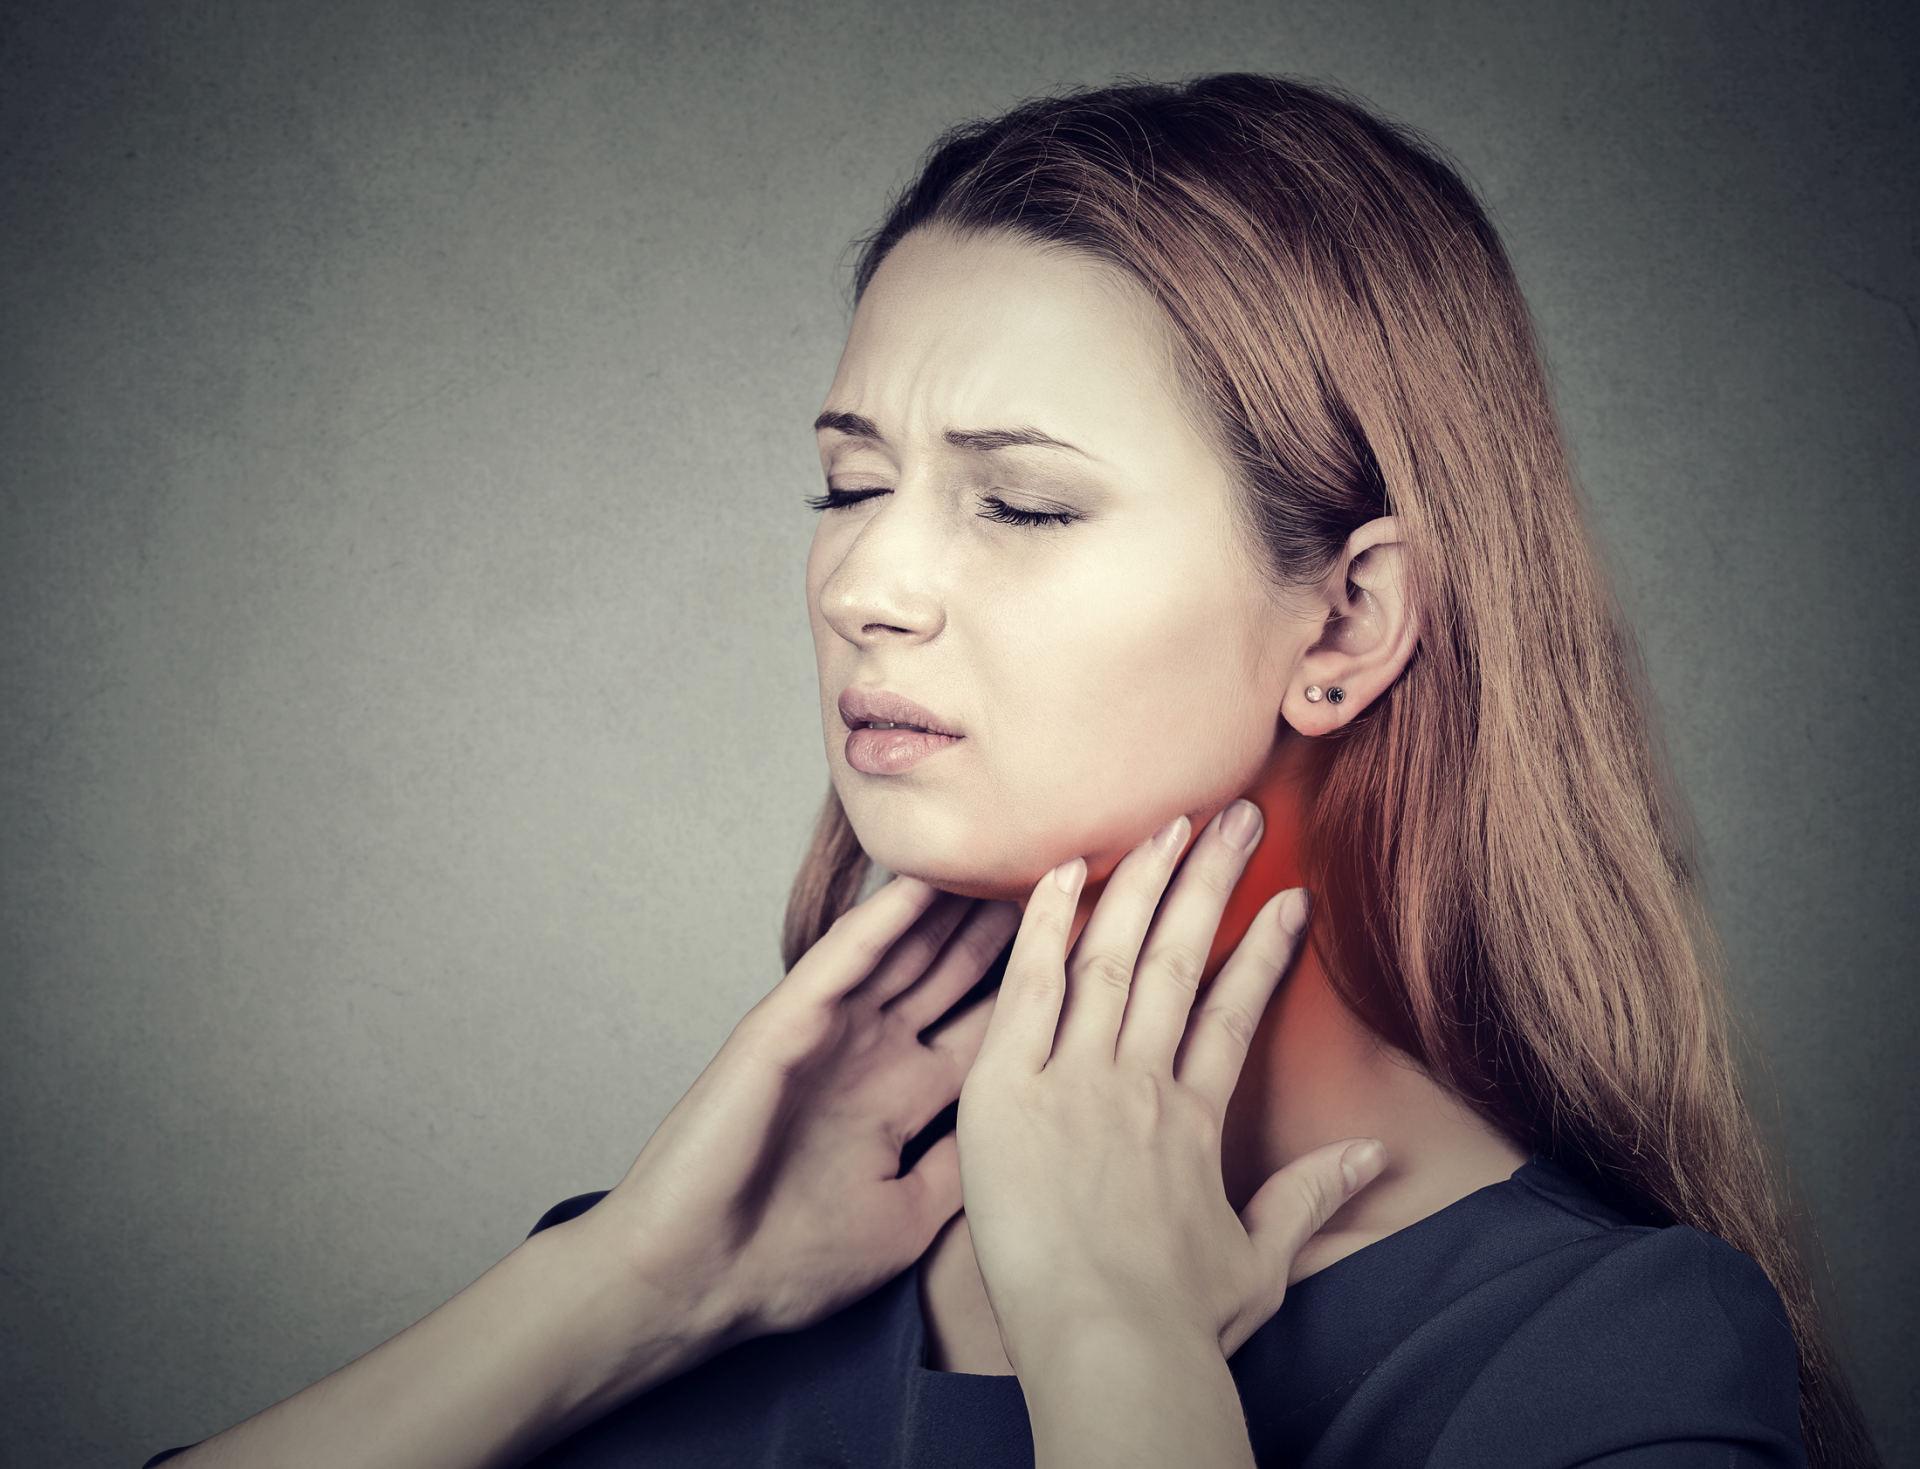 tabletes ir sąnarių skausmas plaquenil su sąnarių uždegimu